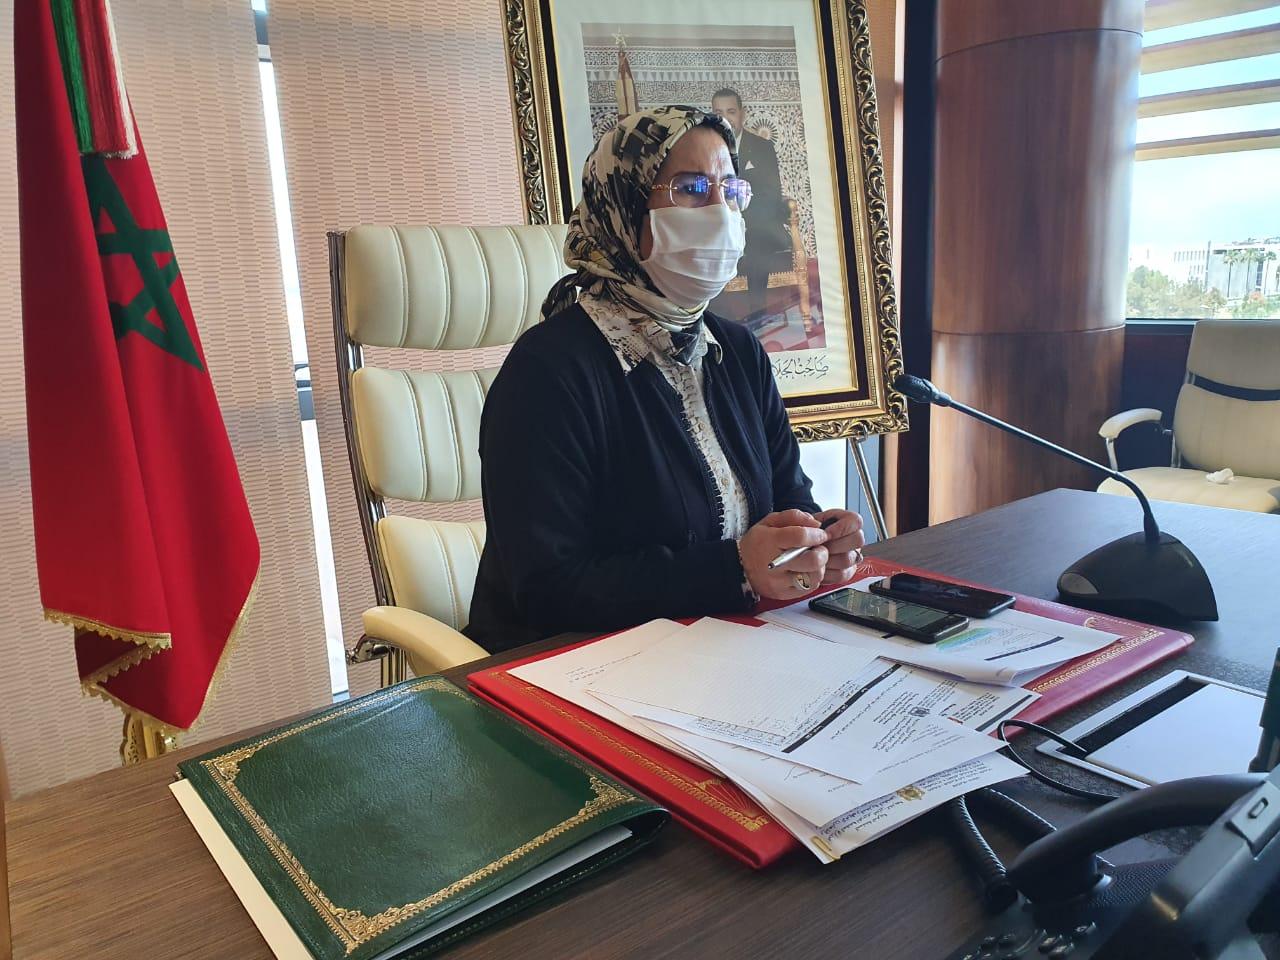 صورة نزهة الوفي تستعرض ملامح  المخطط الاستعجالي لمواكبة مغاربة العالم